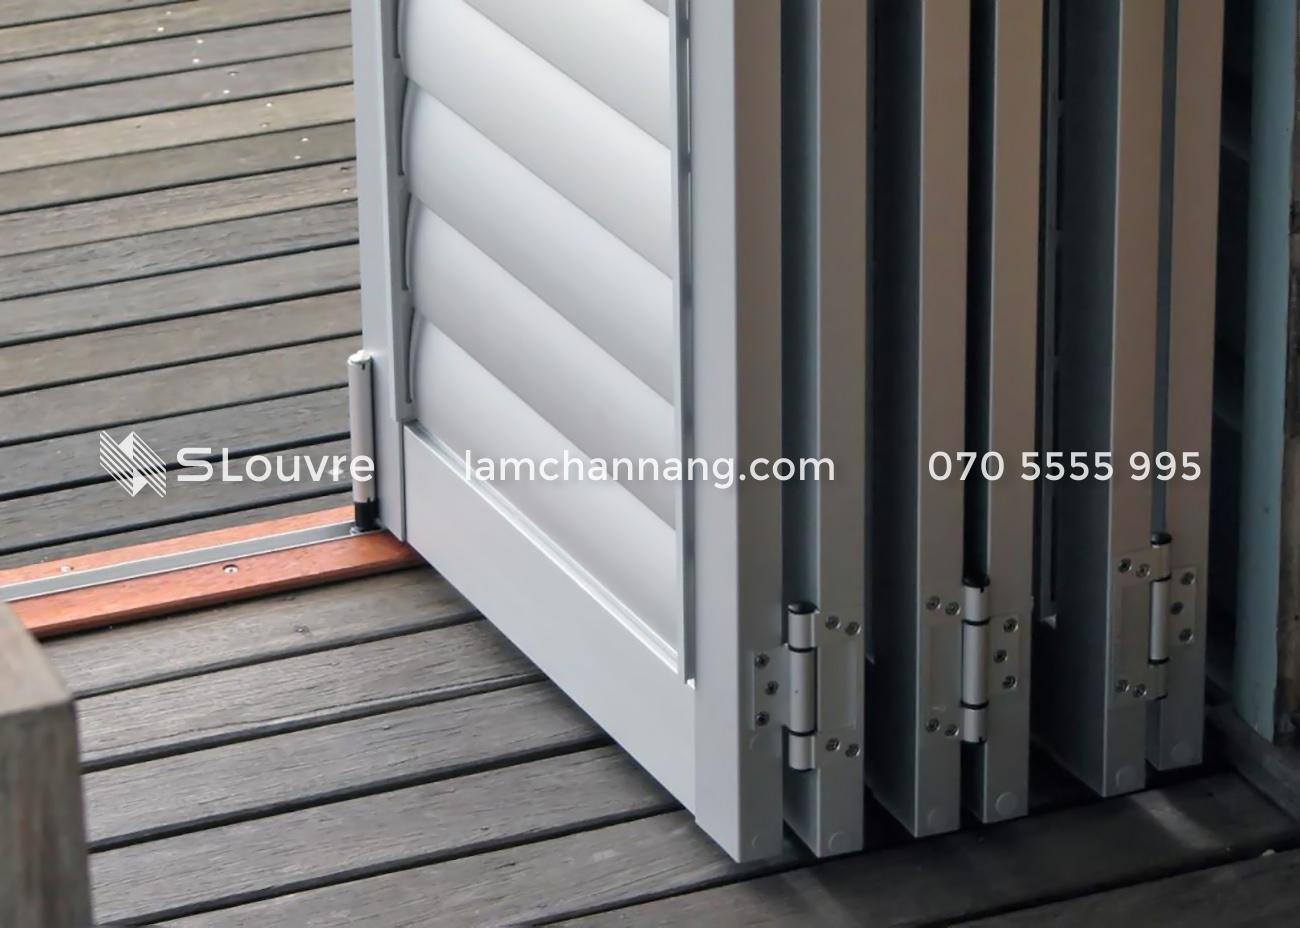 lam chắn nắng, lam nhôm, sun louvre, aluminium louvre, cửa chớp, cửa chớp nhôm, cửa chớp lam nhôm, cửa lam nhôm, shutter louvre